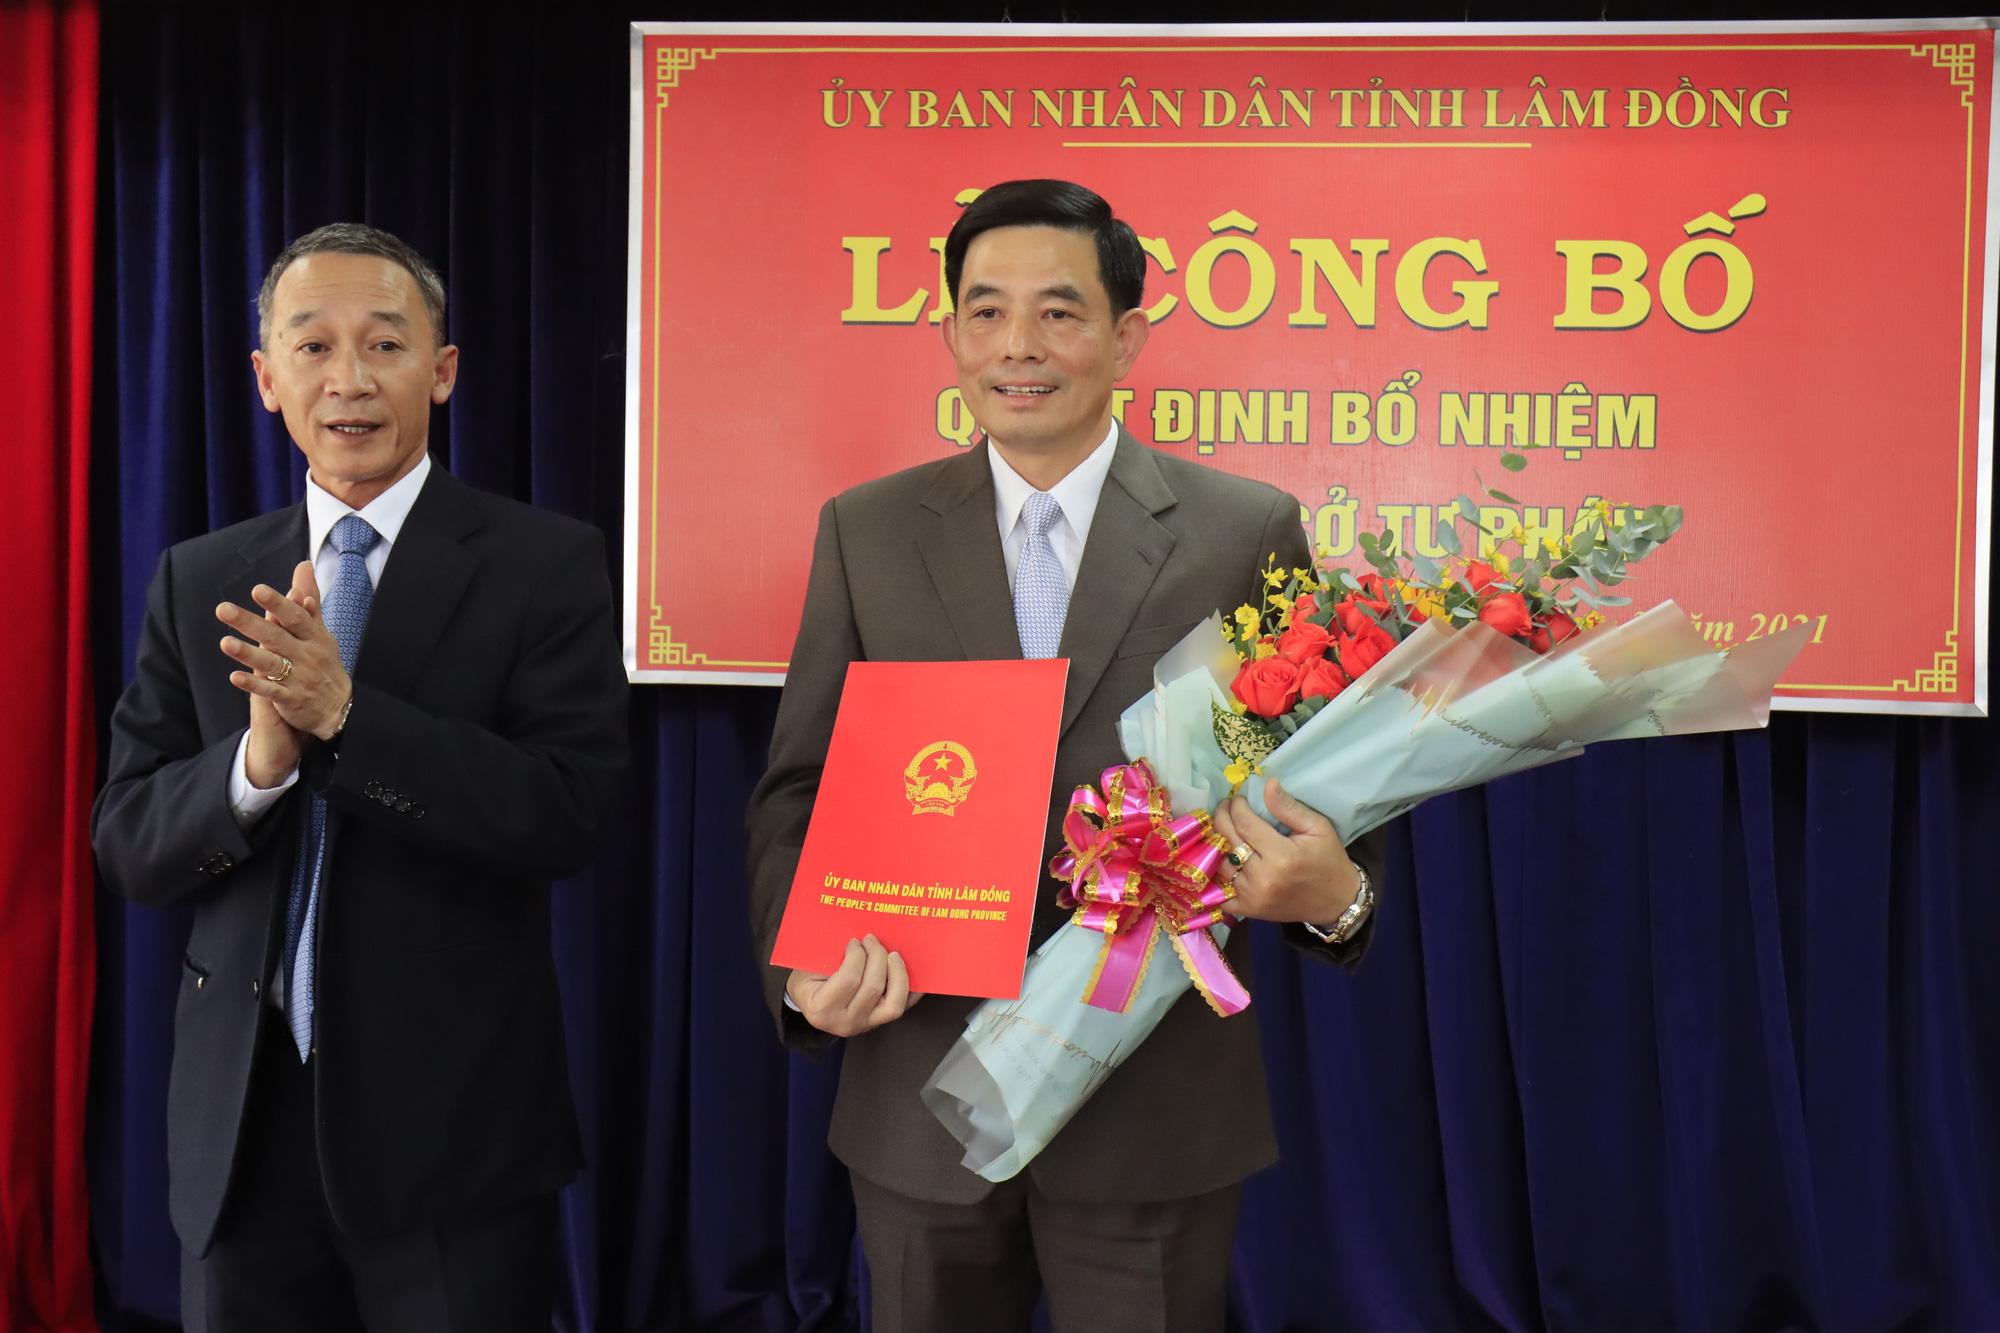 Lâm Đồng: Tân Giám đốc Sở Tư pháp là nguyên Phó Viện trưởng Viện KSND - Ảnh 2.